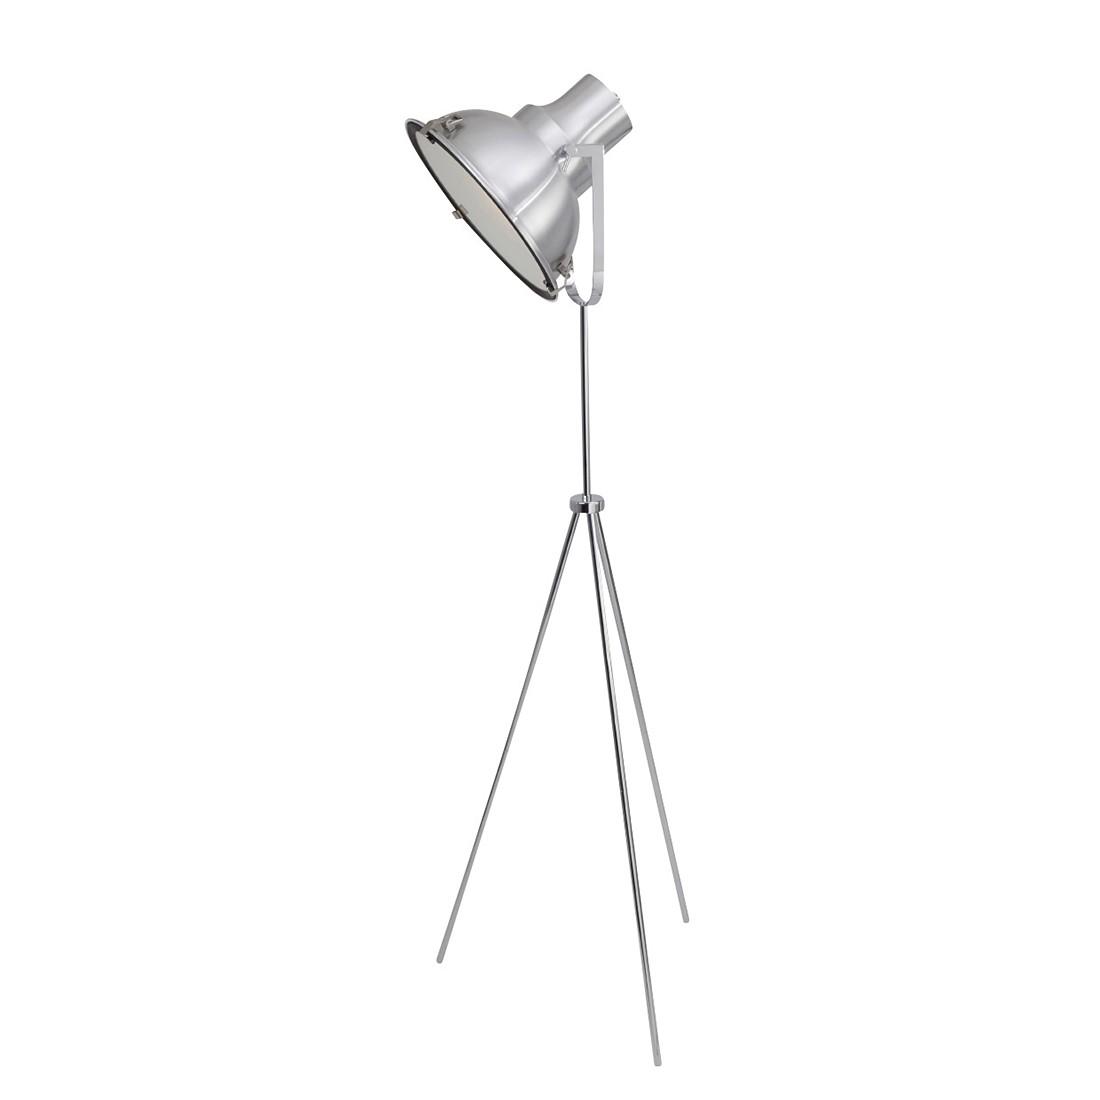 EEK A++, Lampadaire Parade - 1 ampoule Nickel mat, Steinhauer